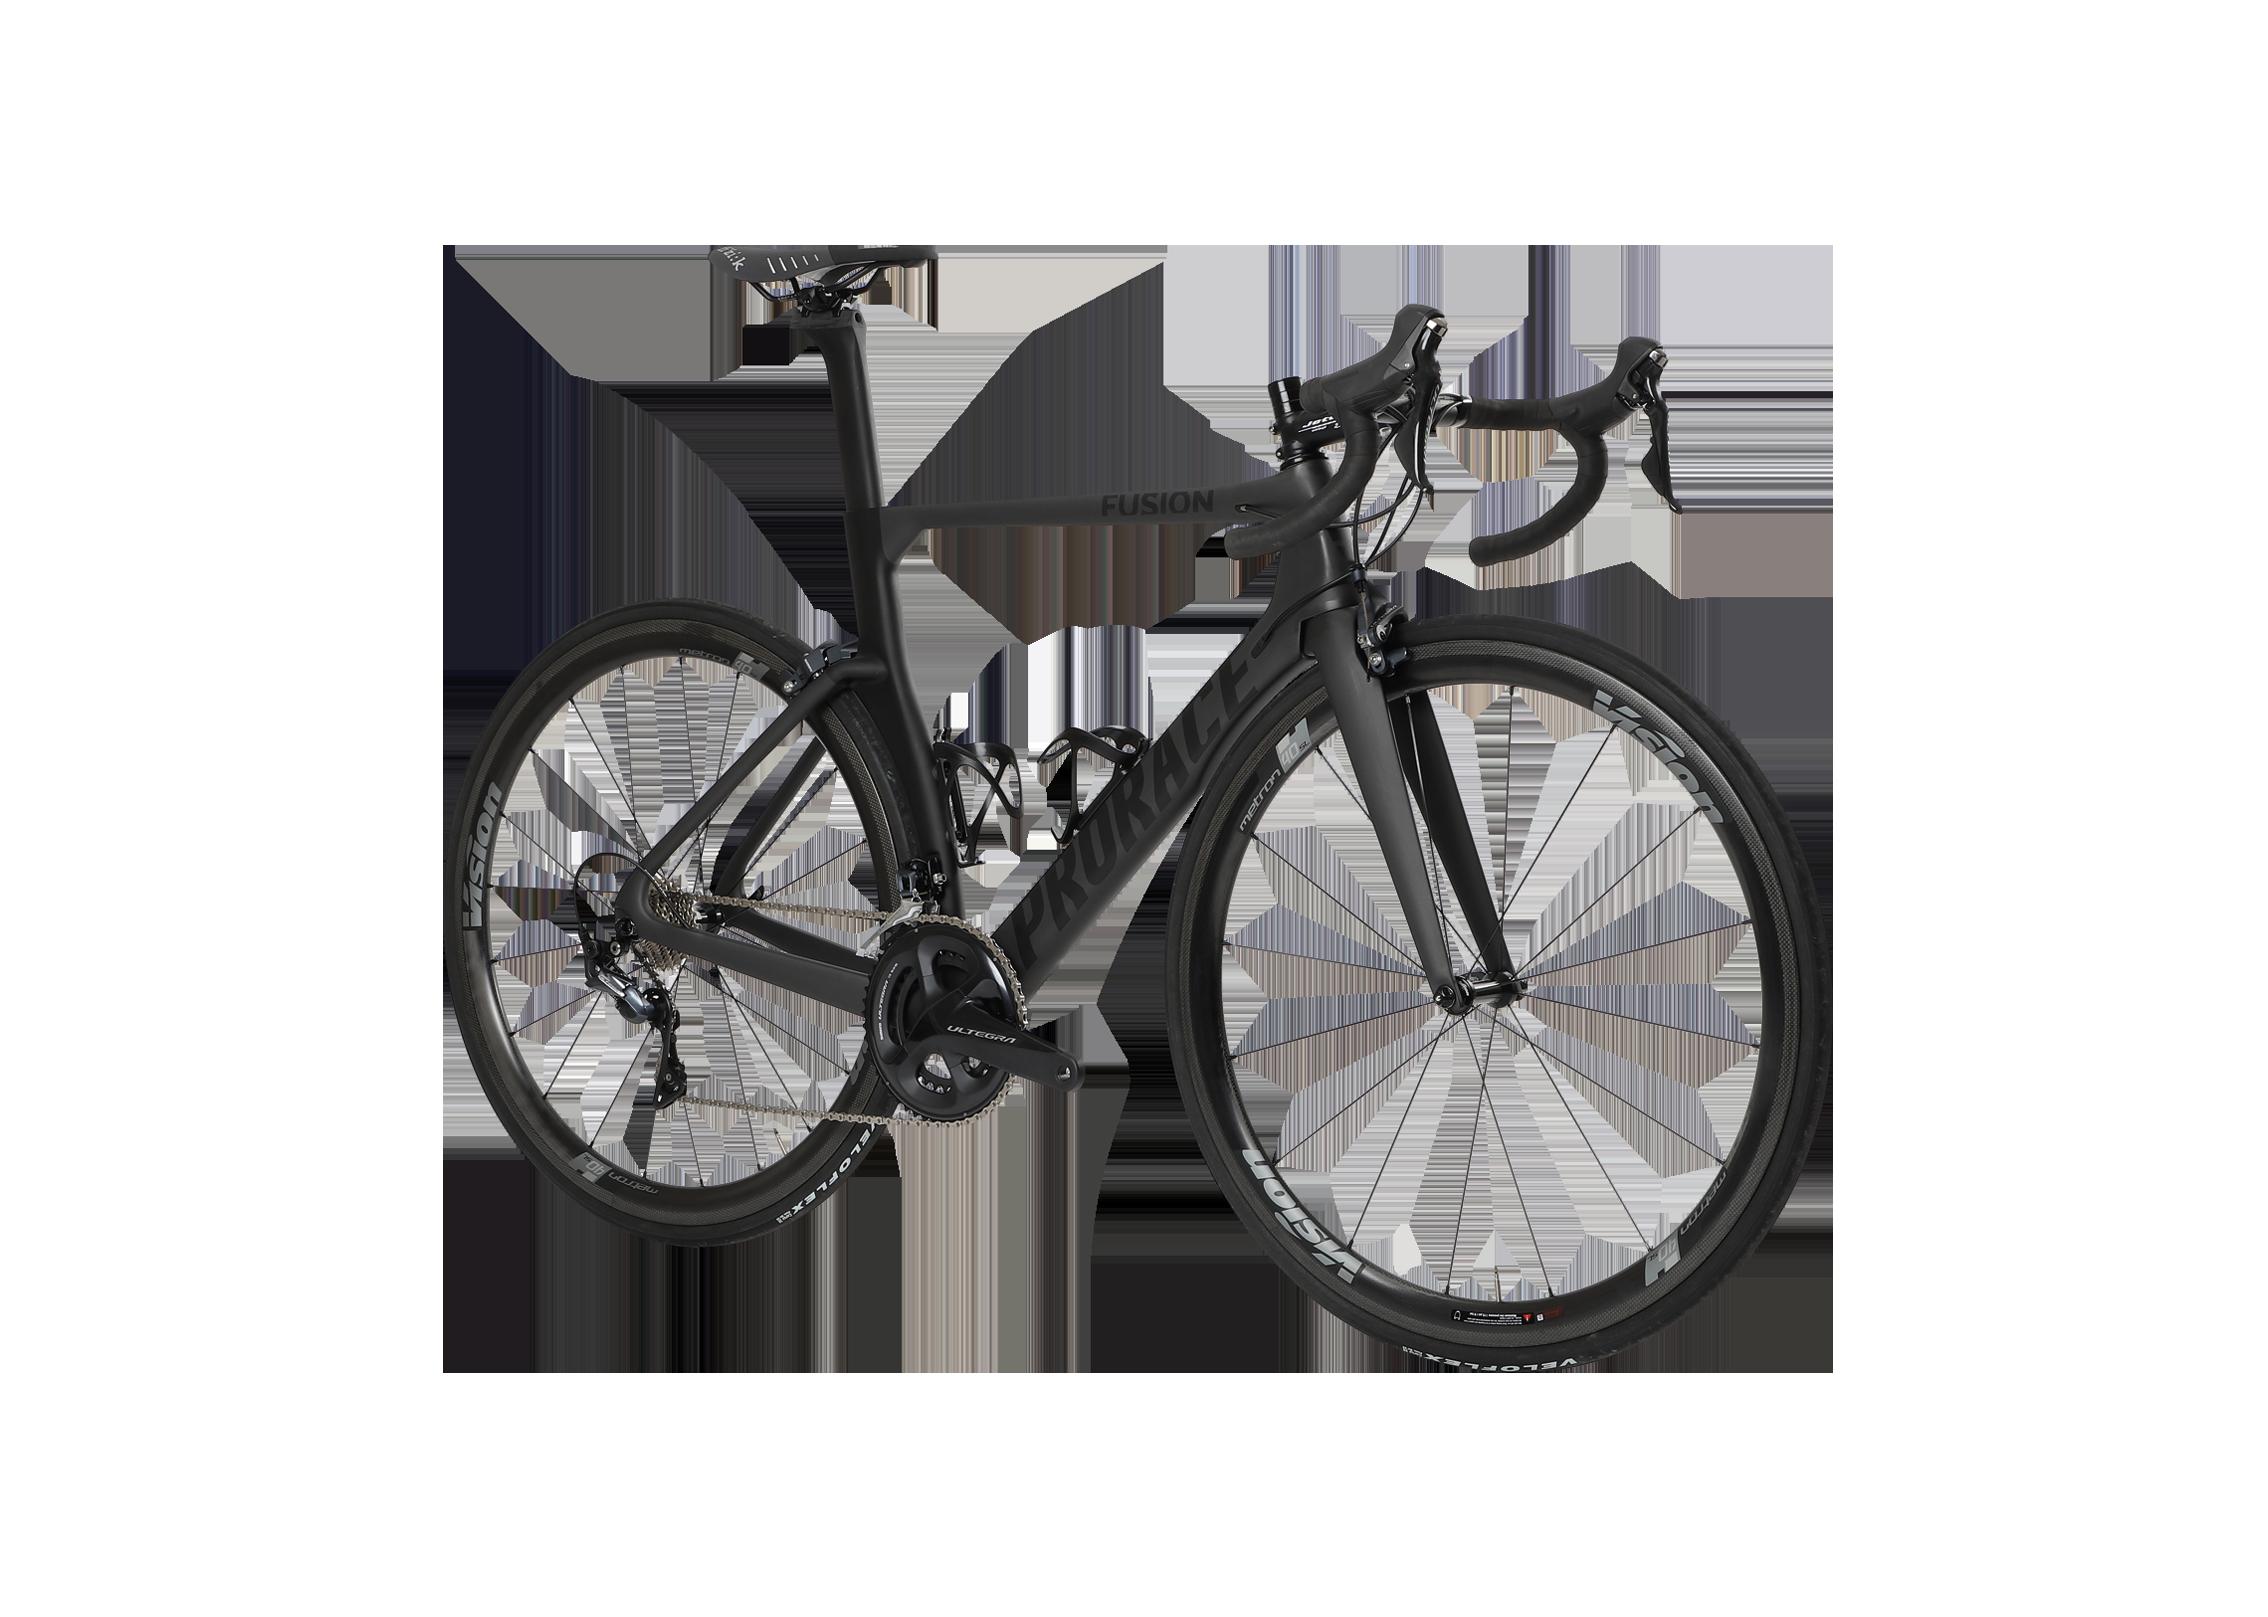 Fusion aerodynamische Prorace fiets vooraanzicht